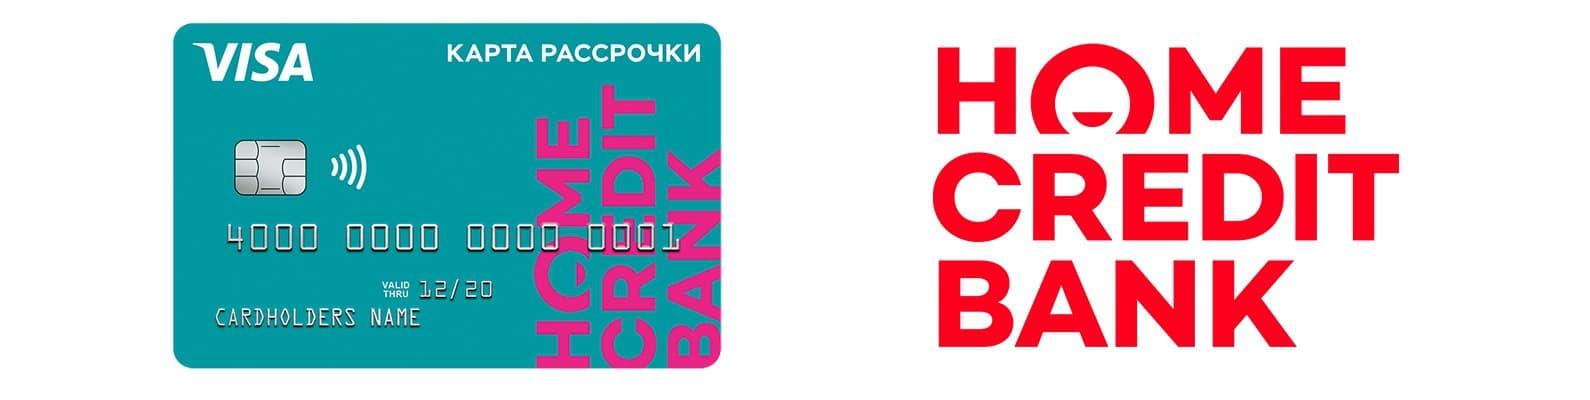 k9j-HBZUX30